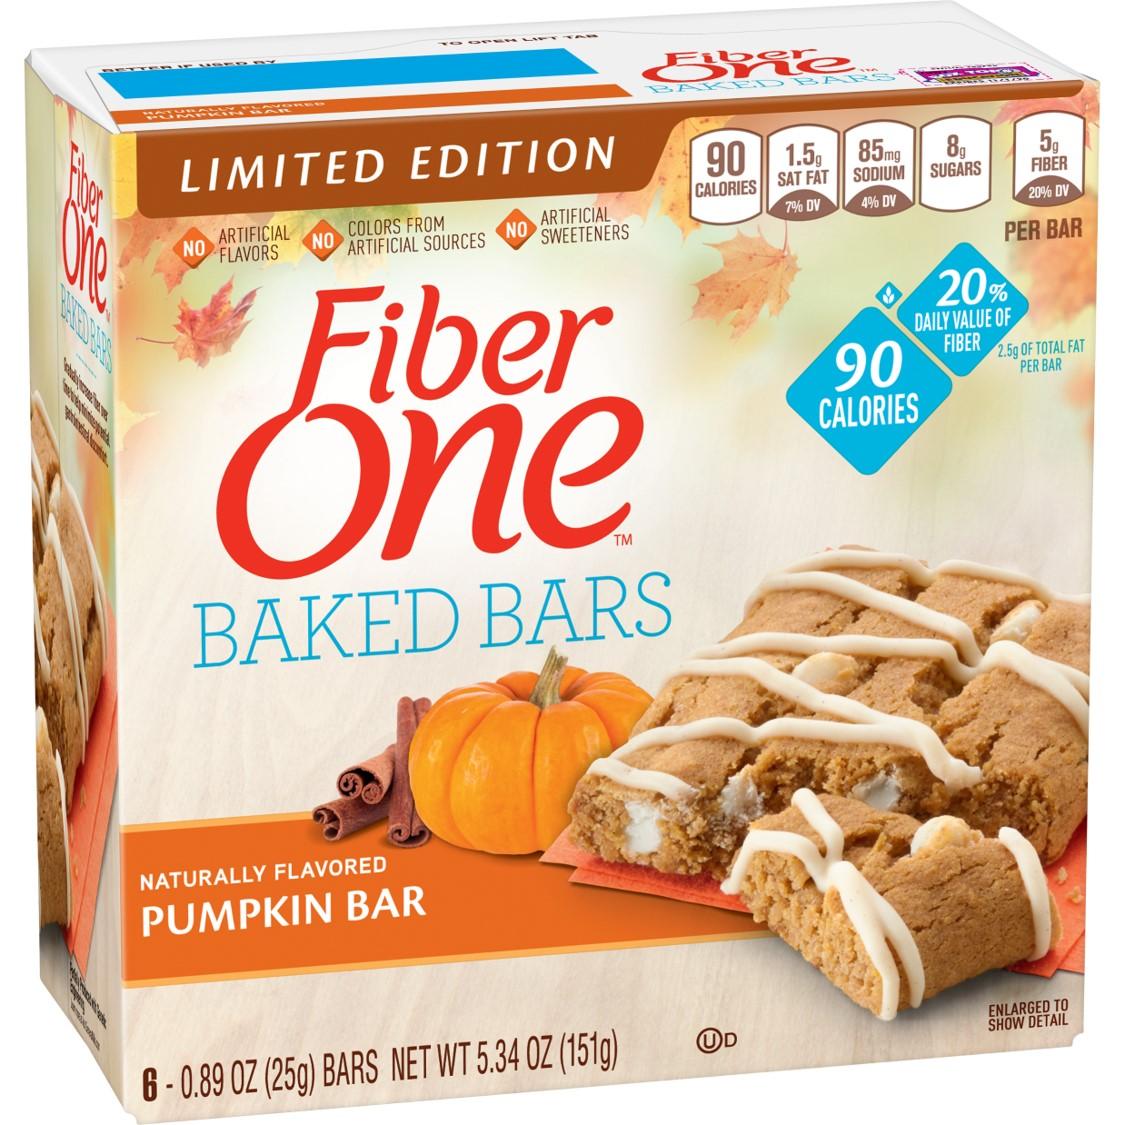 Fiber One 90 Calorie Baked Bar Pumpkin